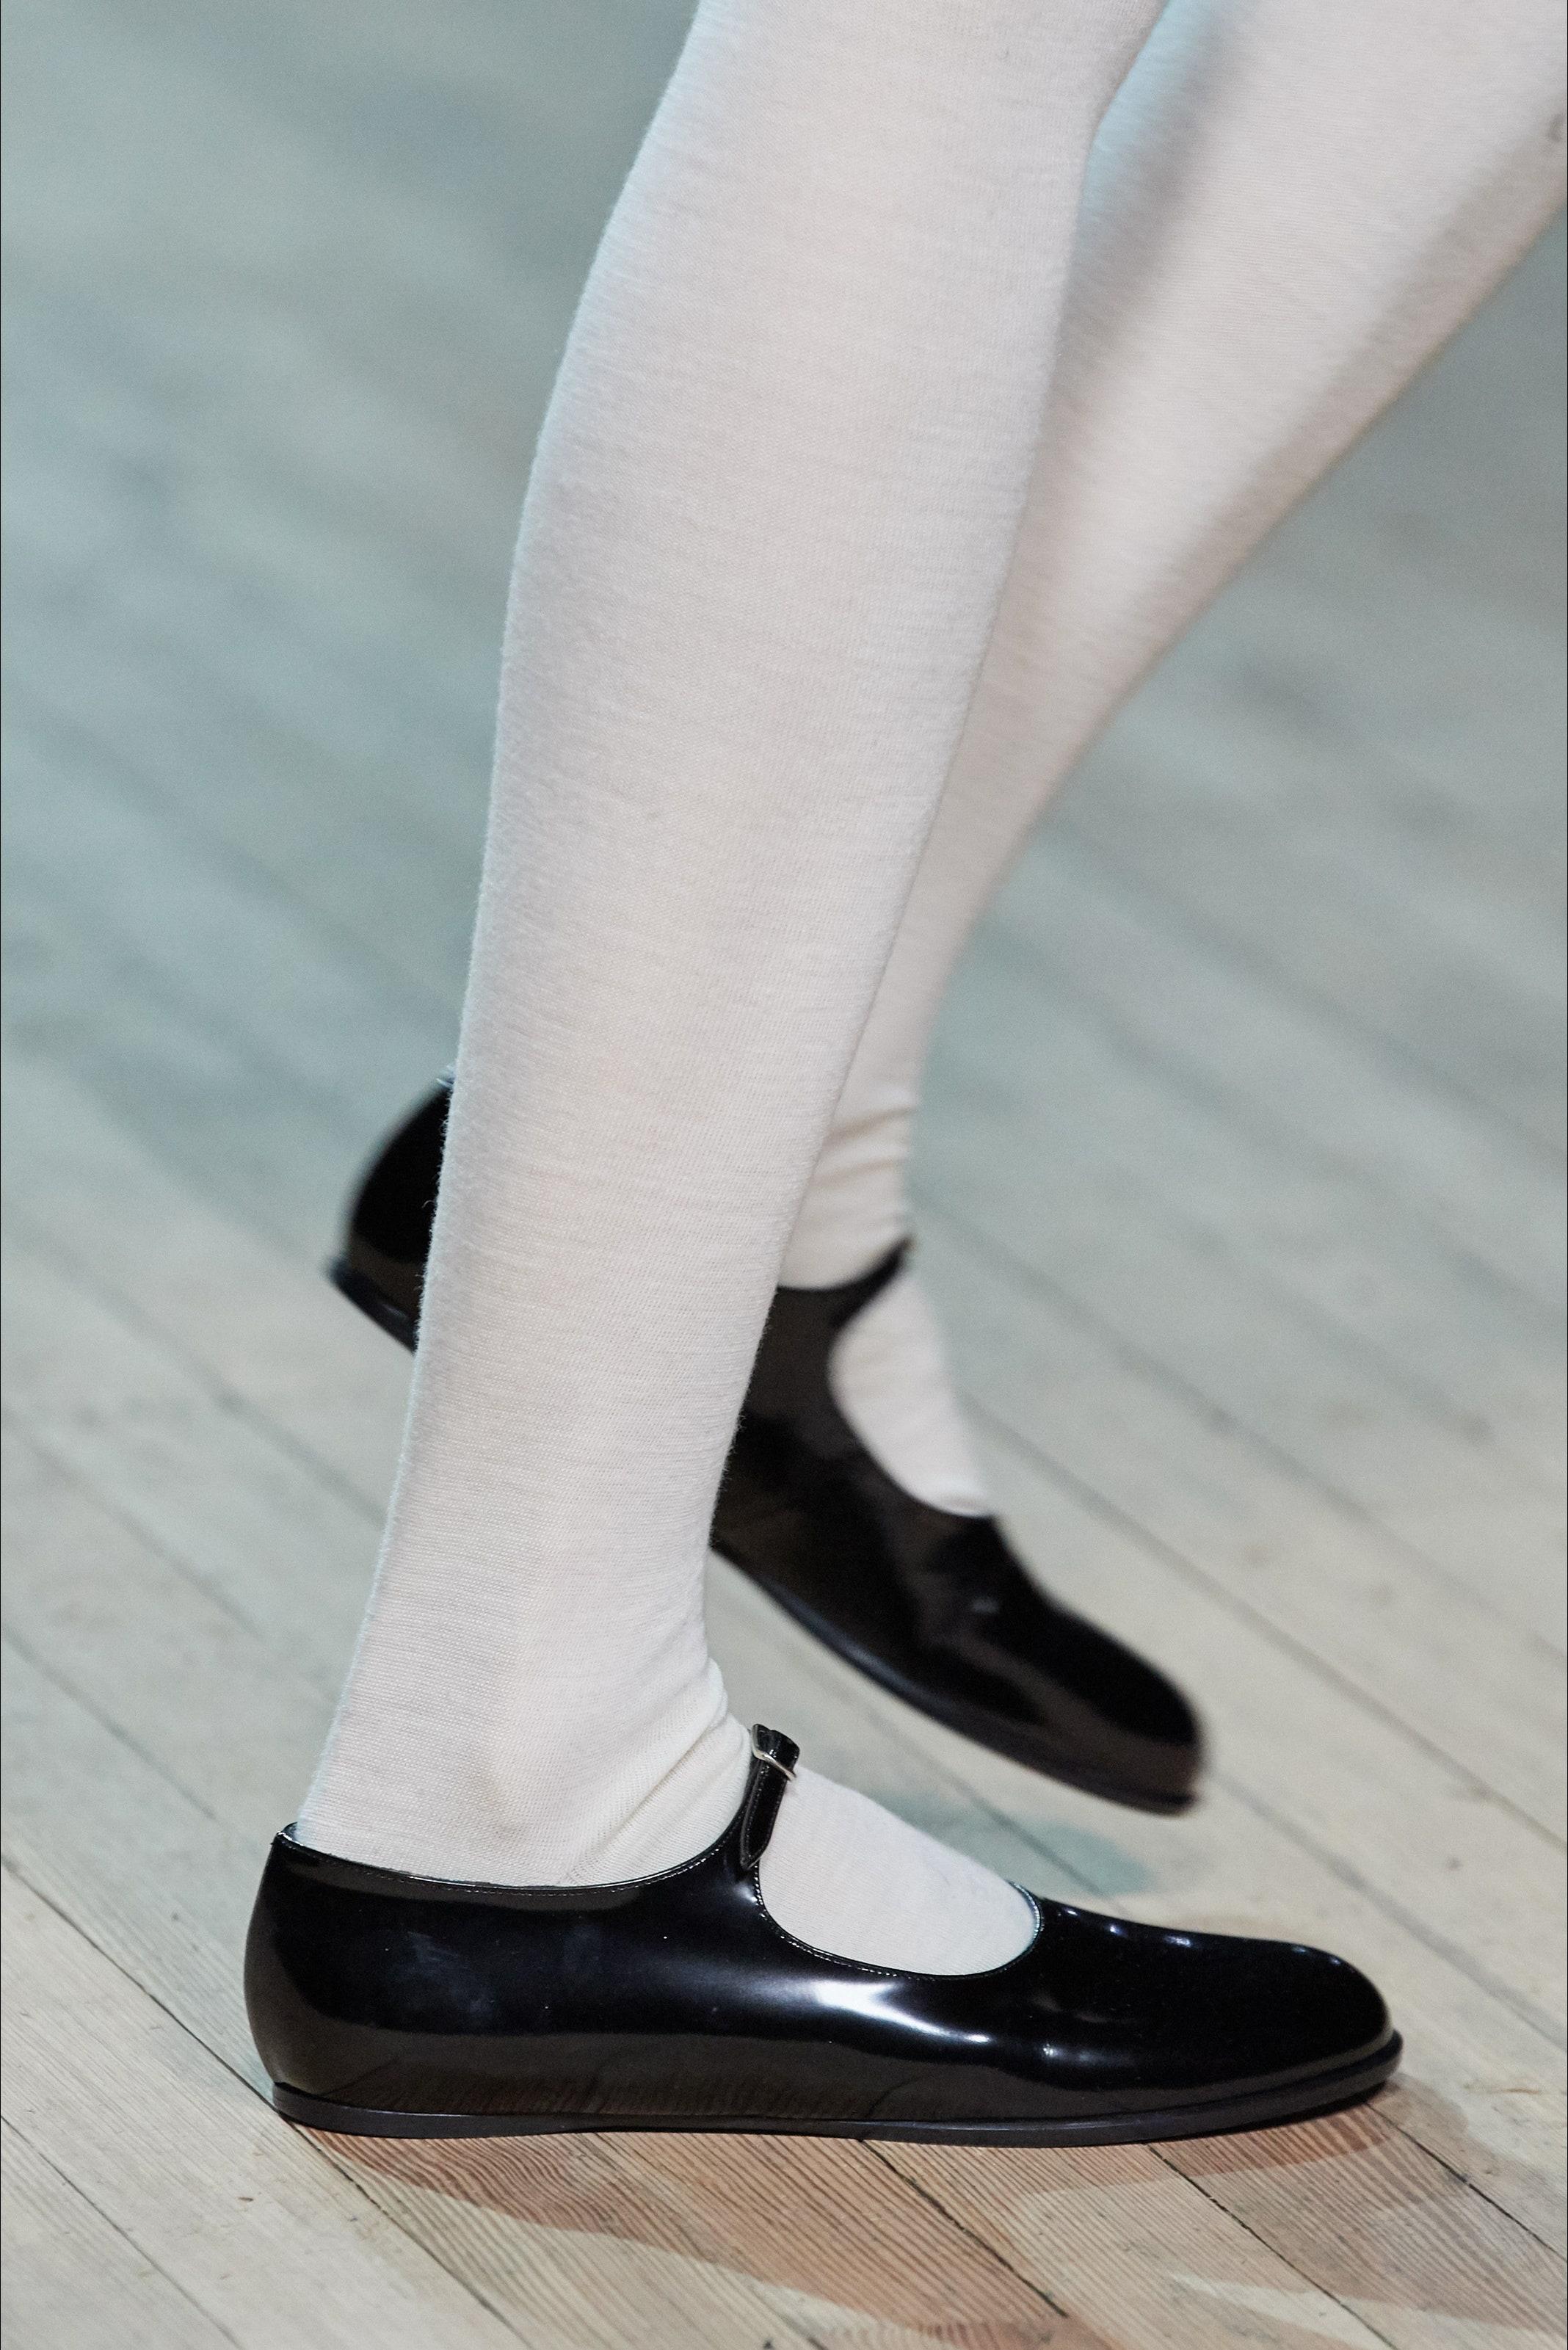 Giày búp bê Mary Jane trong BST Thu - Đông của Marc Jacobs 2020